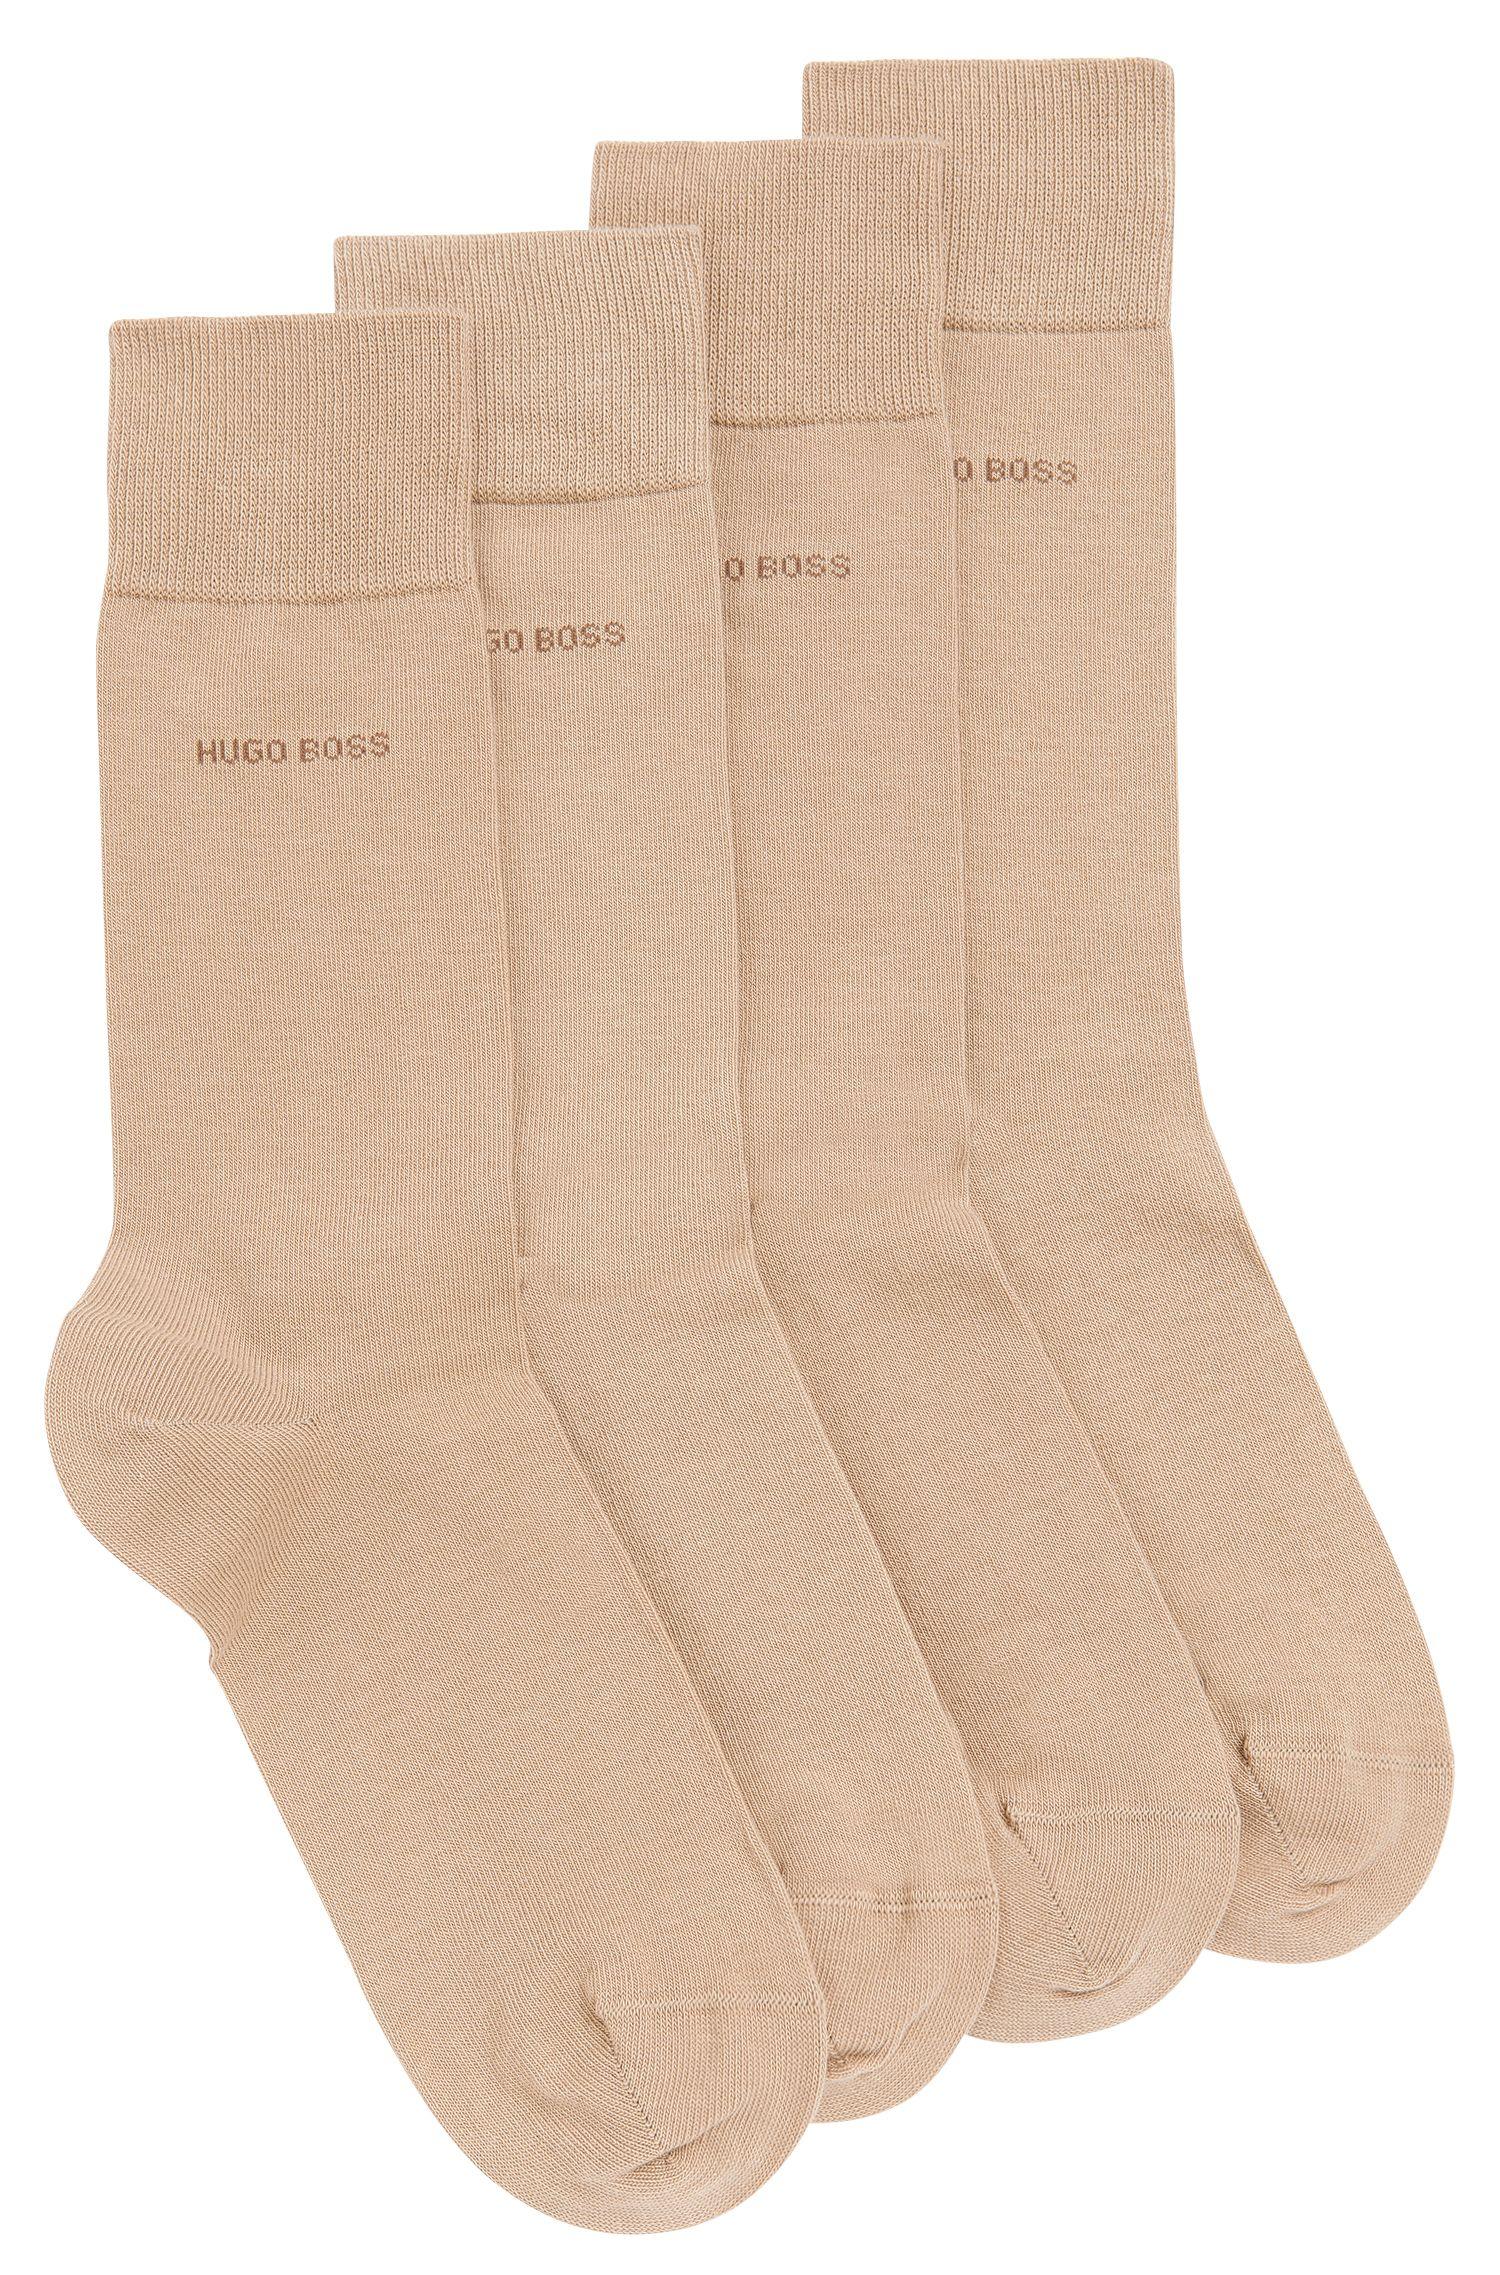 Zweier-Pack Socken aus elastischem Baumwoll-Mix , Beige